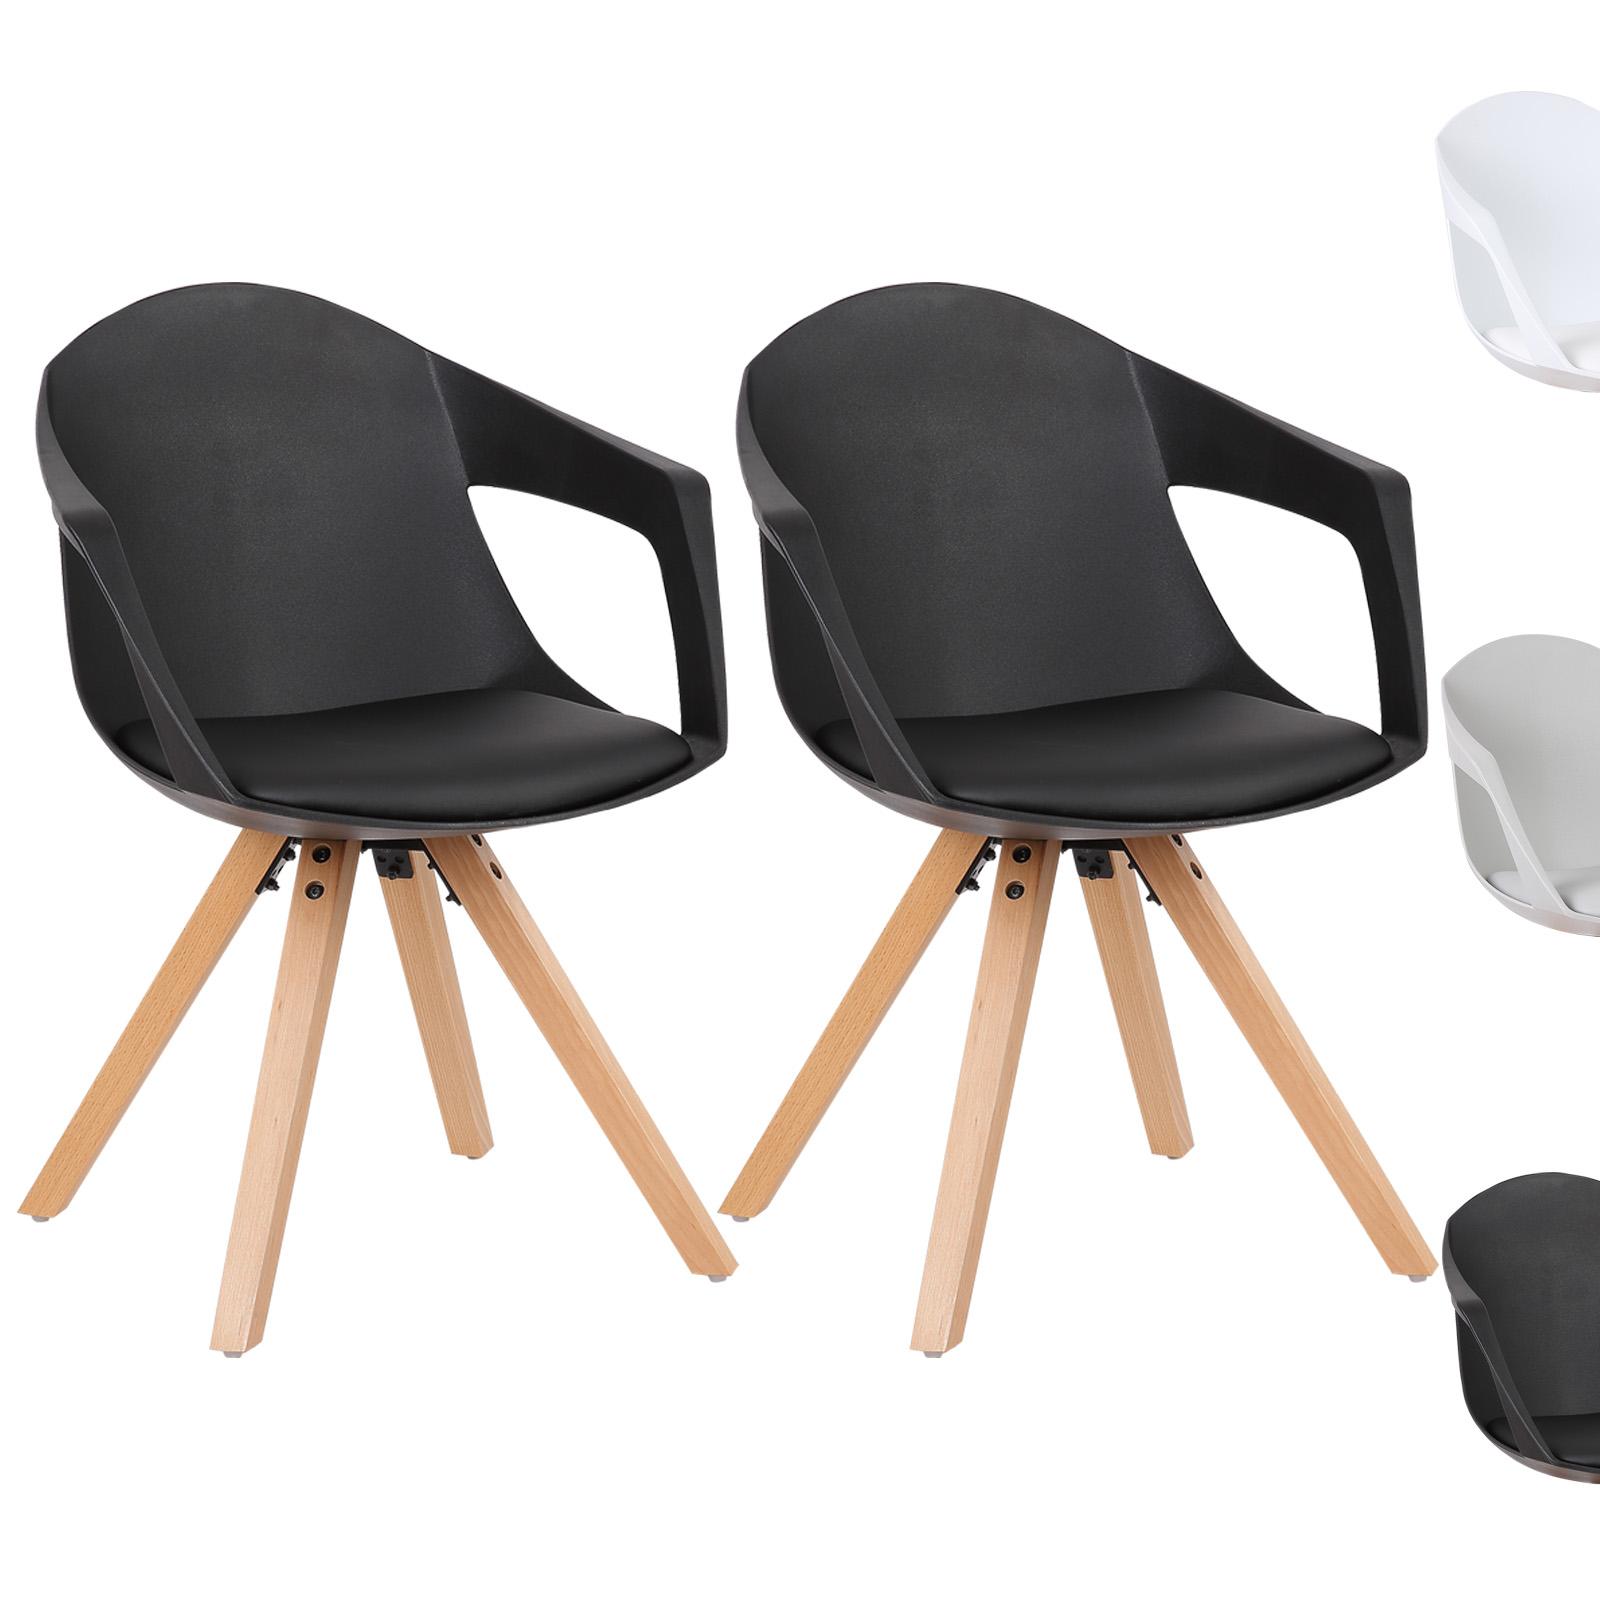 Chaise-salle-a-manger-lot-de-2-cuir-simil-Chaise-de-cuisine-design-en-bois-f097